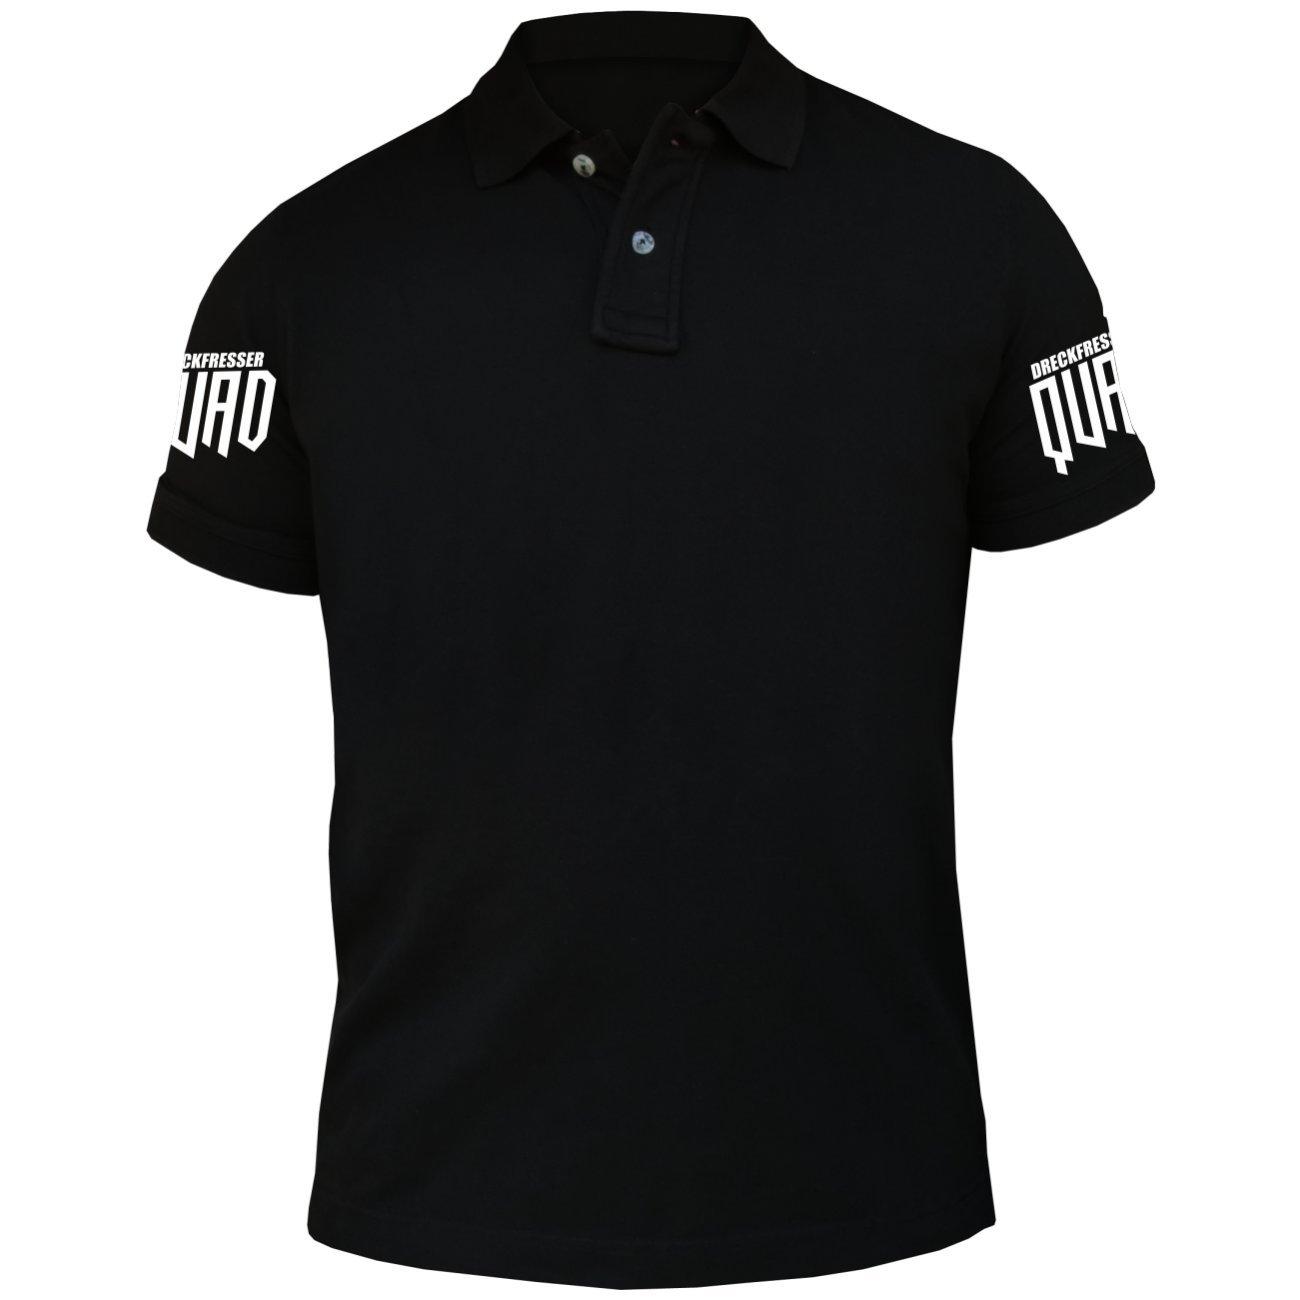 Männer und Herren Polo Shirt Dreckfresser Quad (mit Rückendruck) 41957